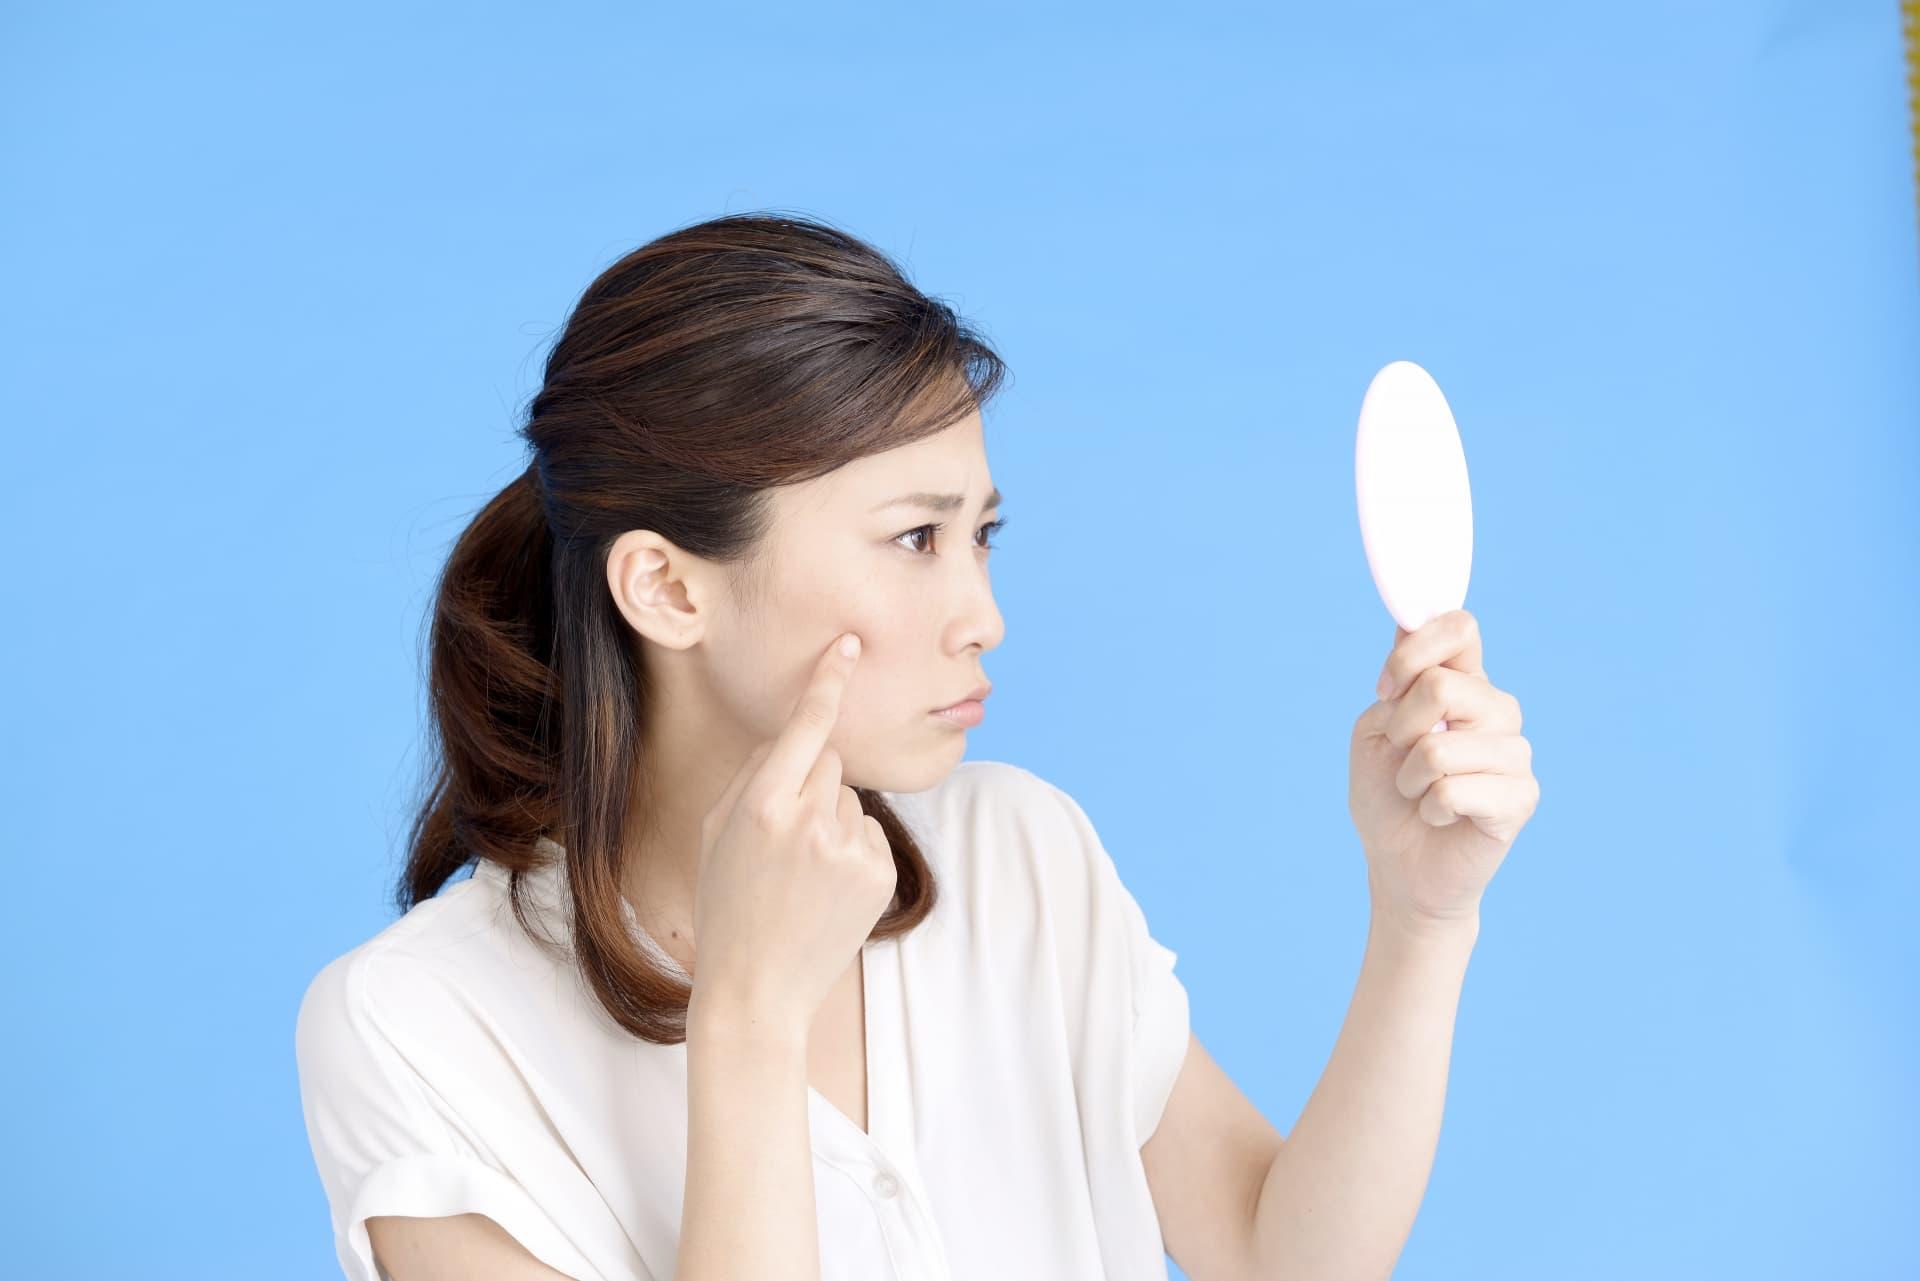 吹き出物 顎 原因 の